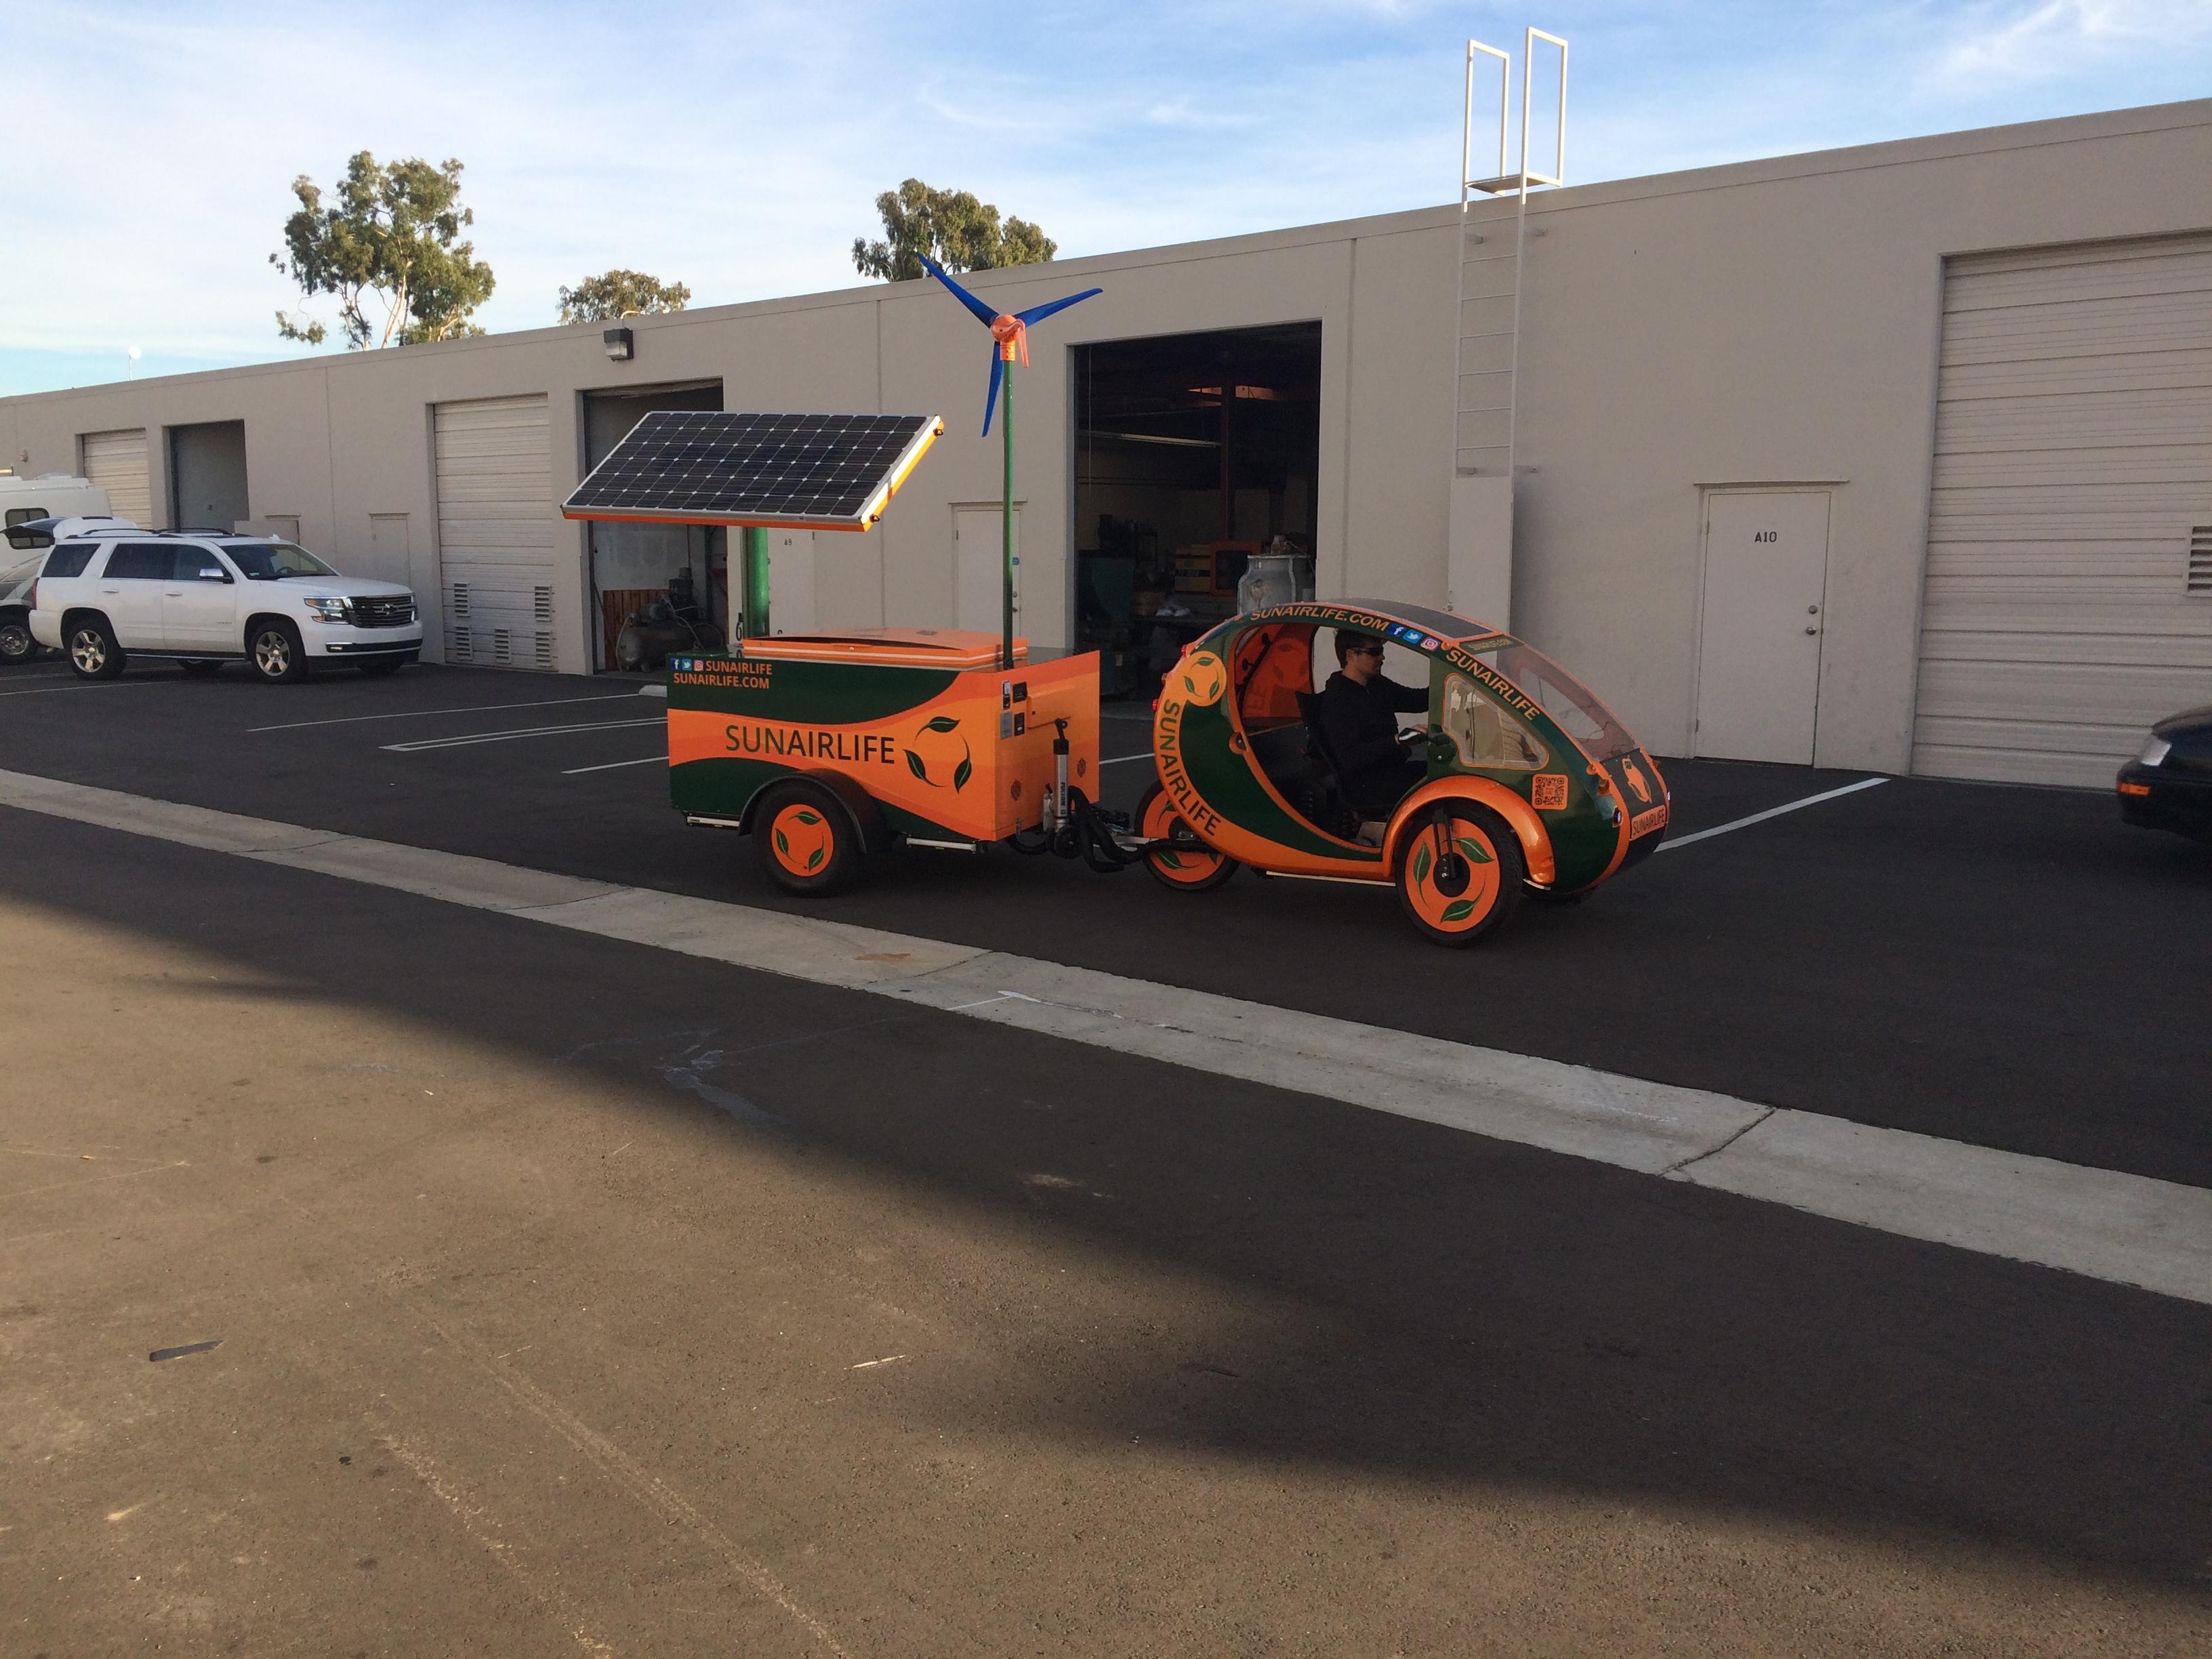 Vehicle warping